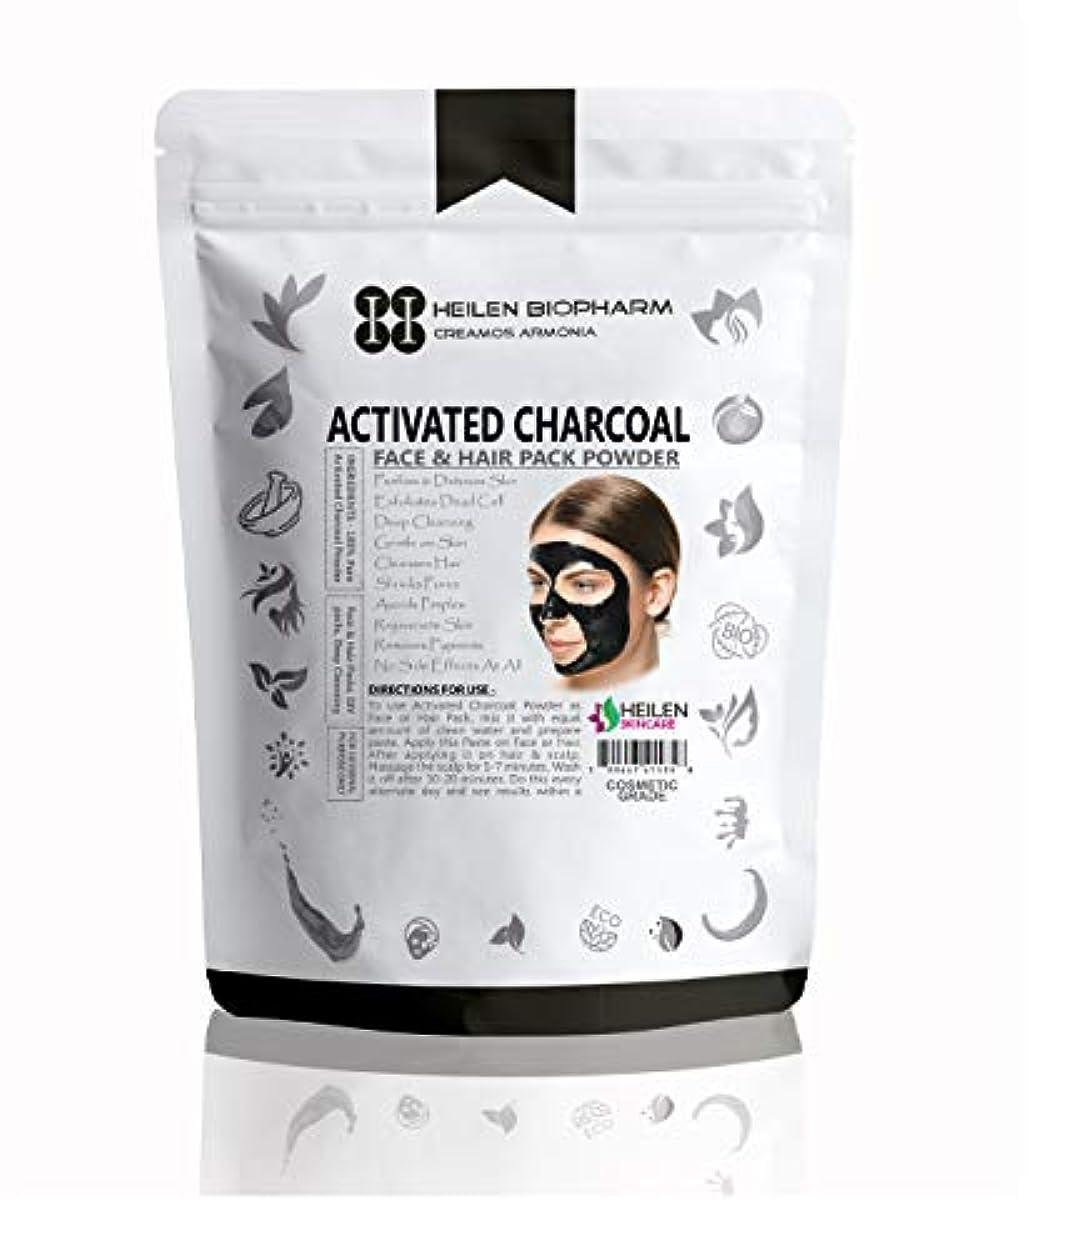 首海洋競う活性化チャコールパウダー(フェイスパック用)(Activated Charcoal Powder for Face Pack) (200 gm / 7 oz / 0.44 lb)